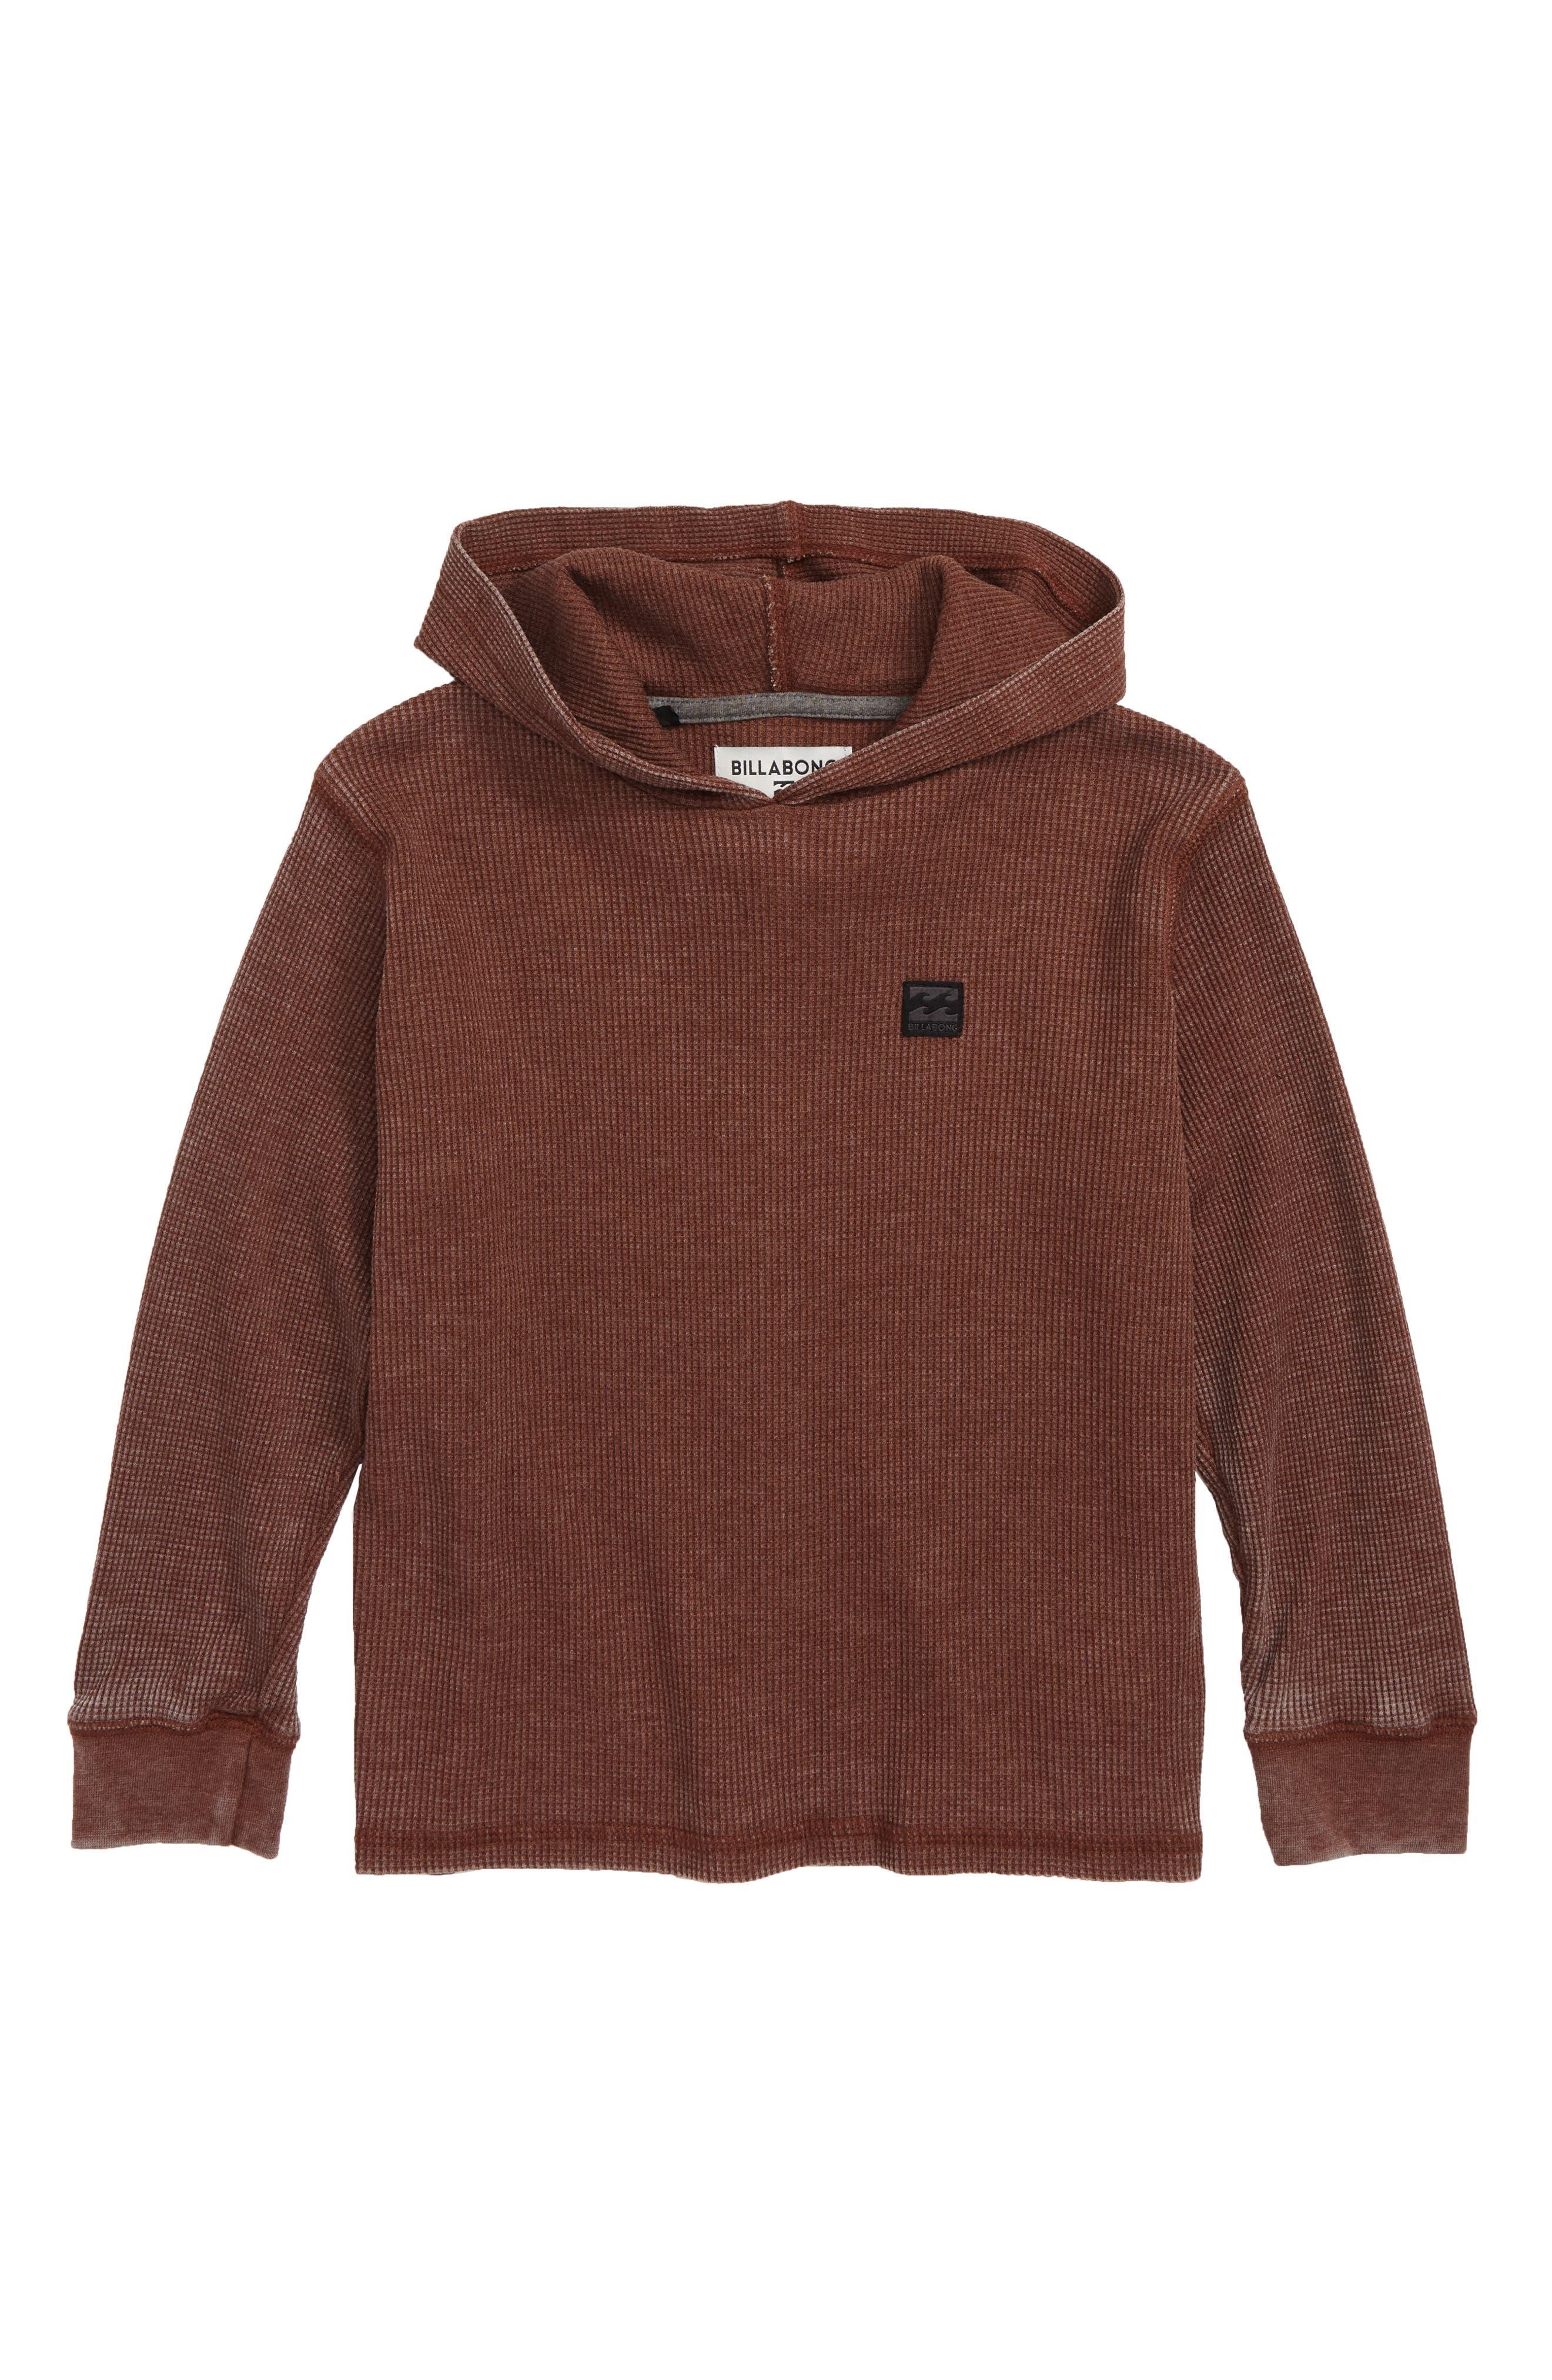 Keystone Thermal Pullover Hoodie,                         Main,                         color, Rust Brown